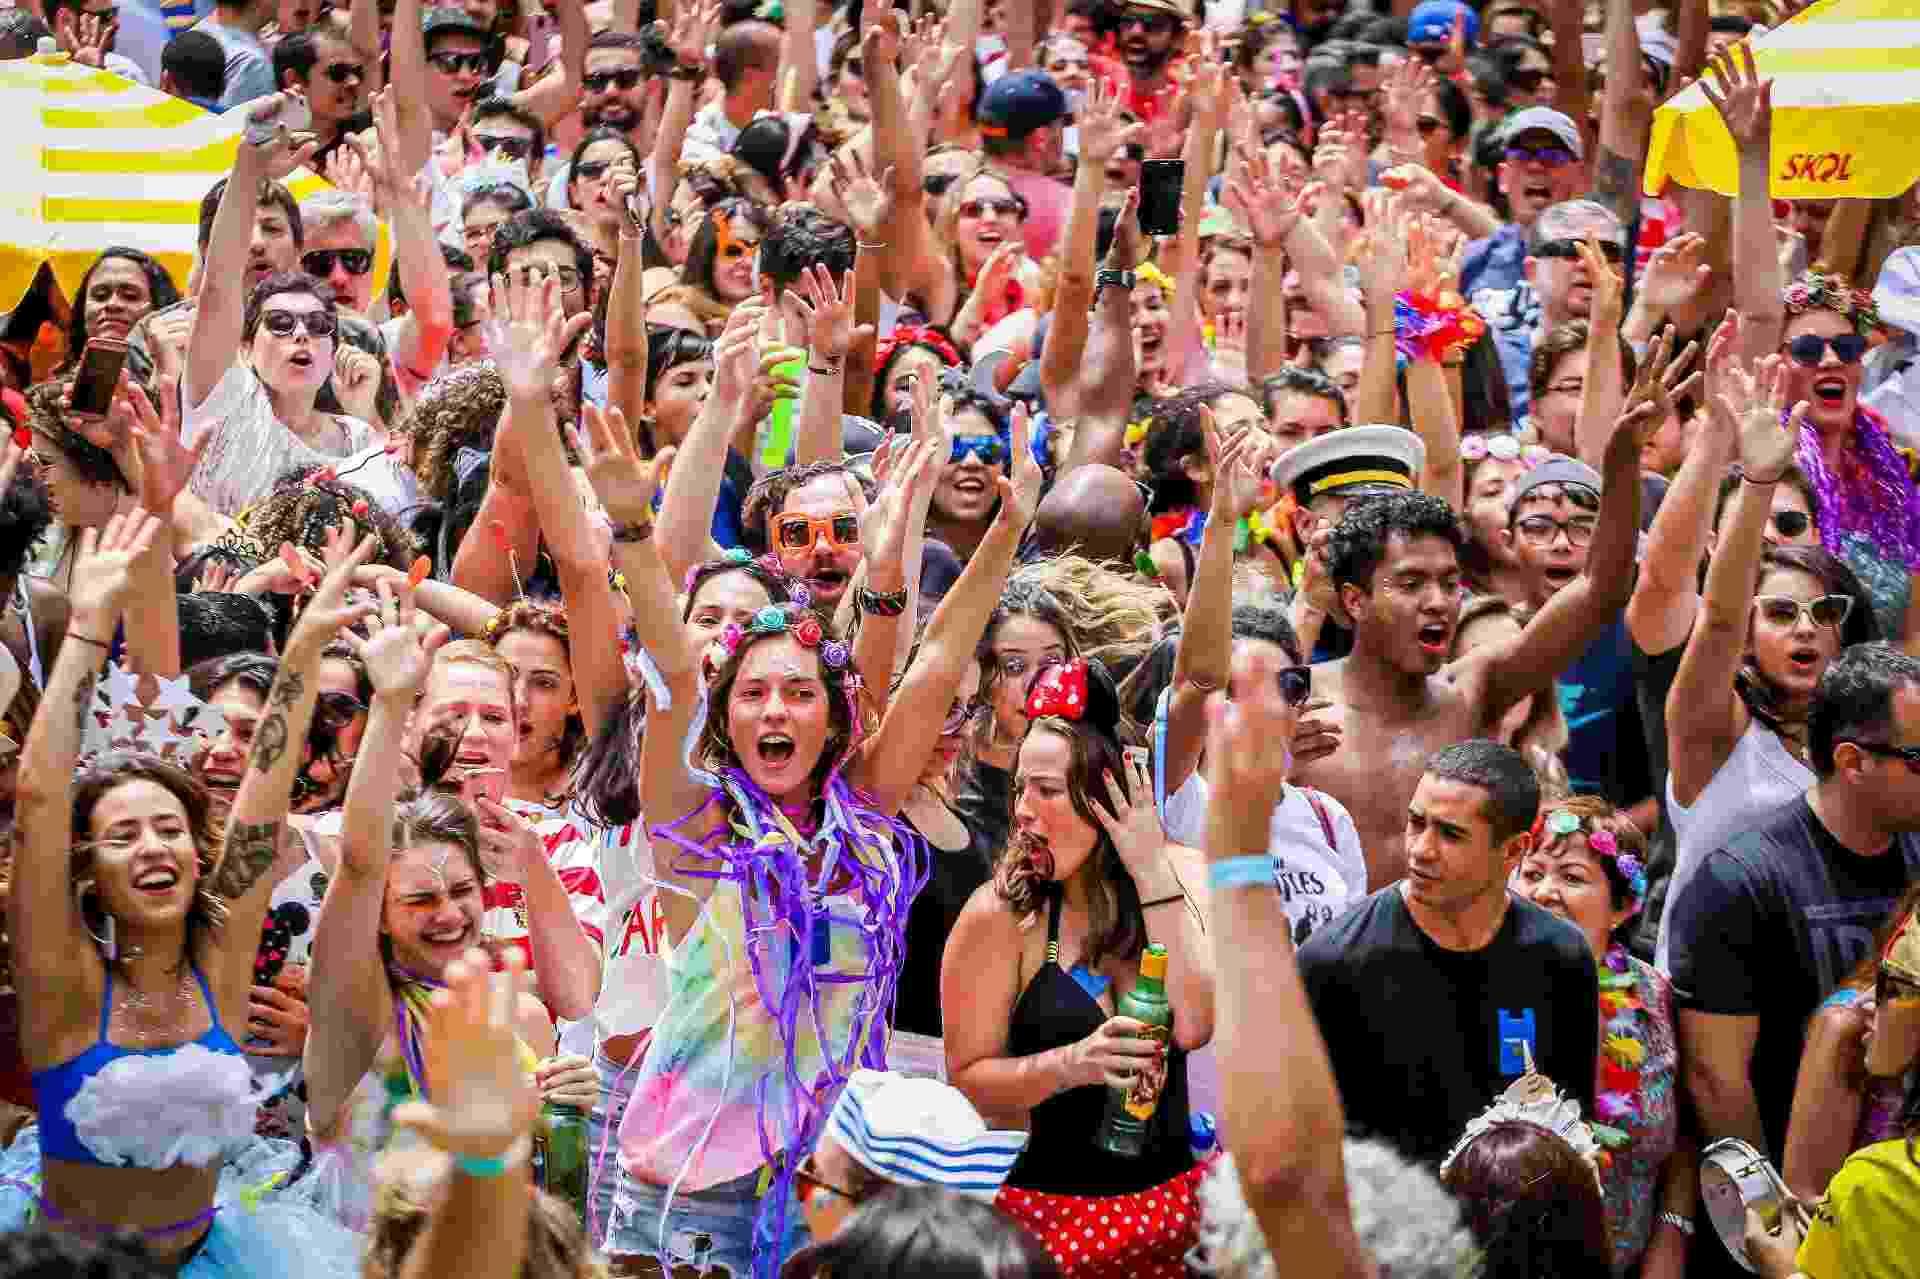 Bloco carioca Sargento Pimenta, conhecido pela mistura das músicas do Beatles com marchinhas carnavalescas, desfila pela Av. Faria Lima, na Vila Olímpia - Edson Lopes Jr./UOL